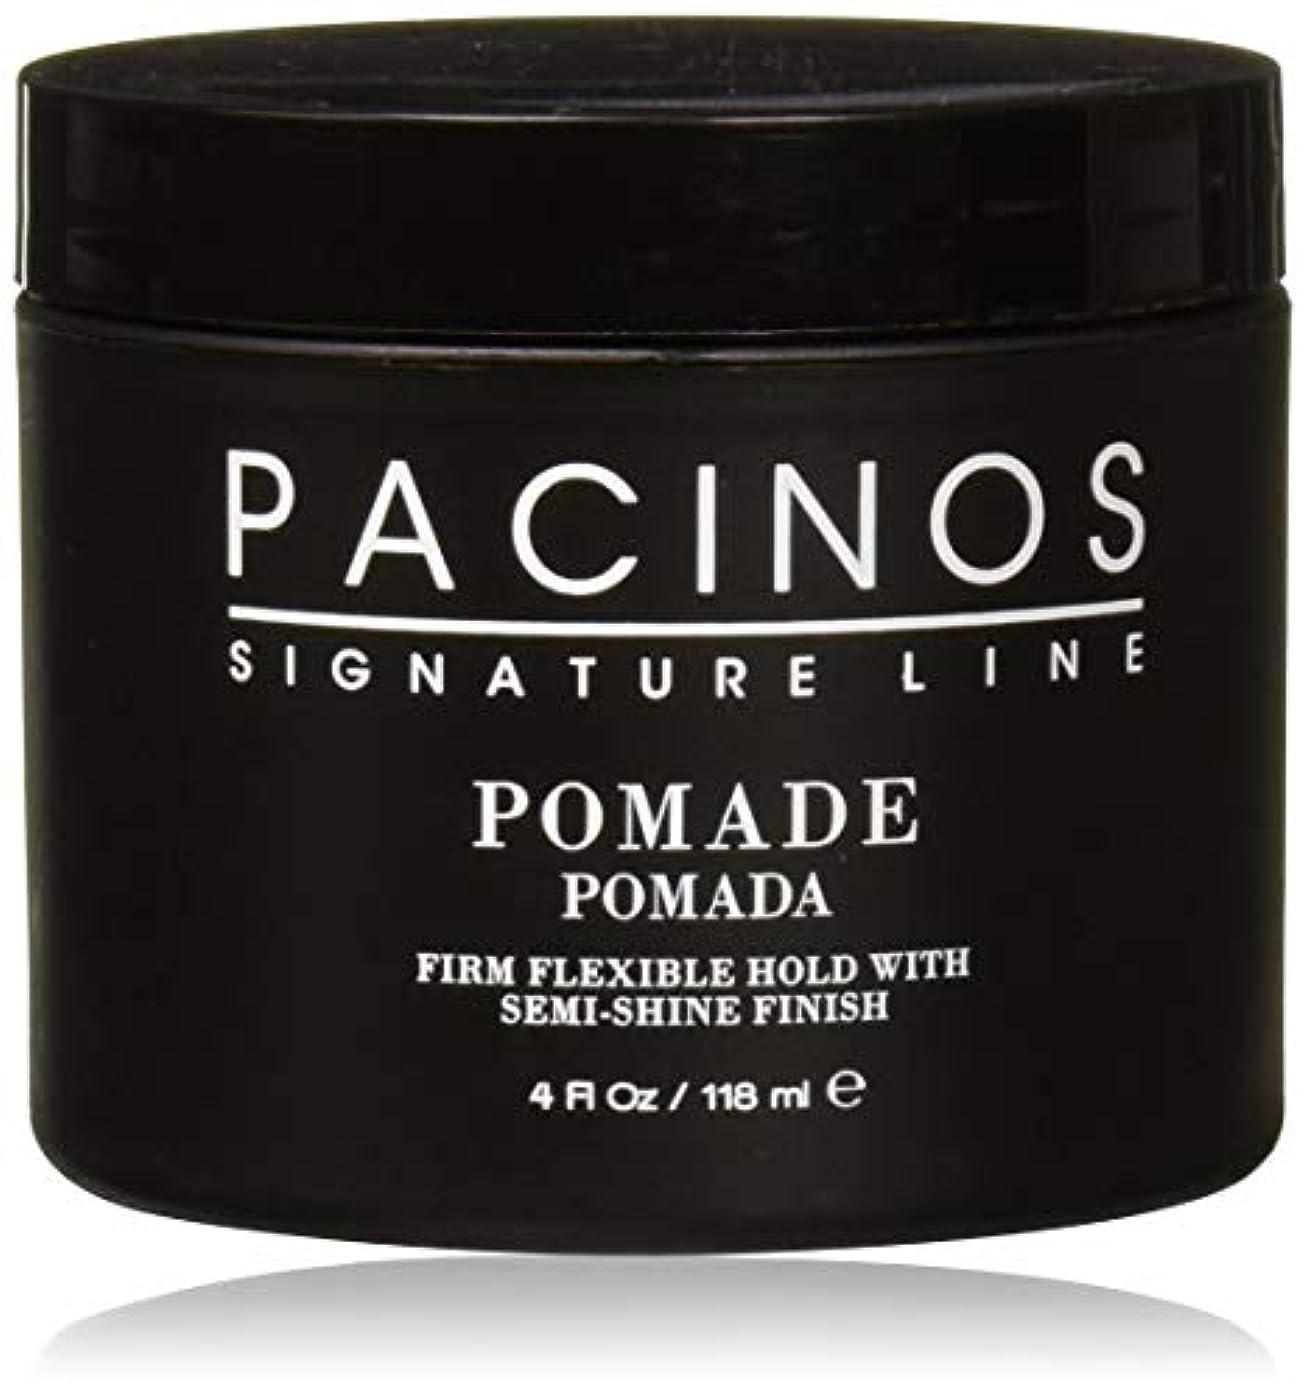 寝る比類のない姓Pacinos Pomade パチーノス?ポマード【日本正規品】4oz(118g)